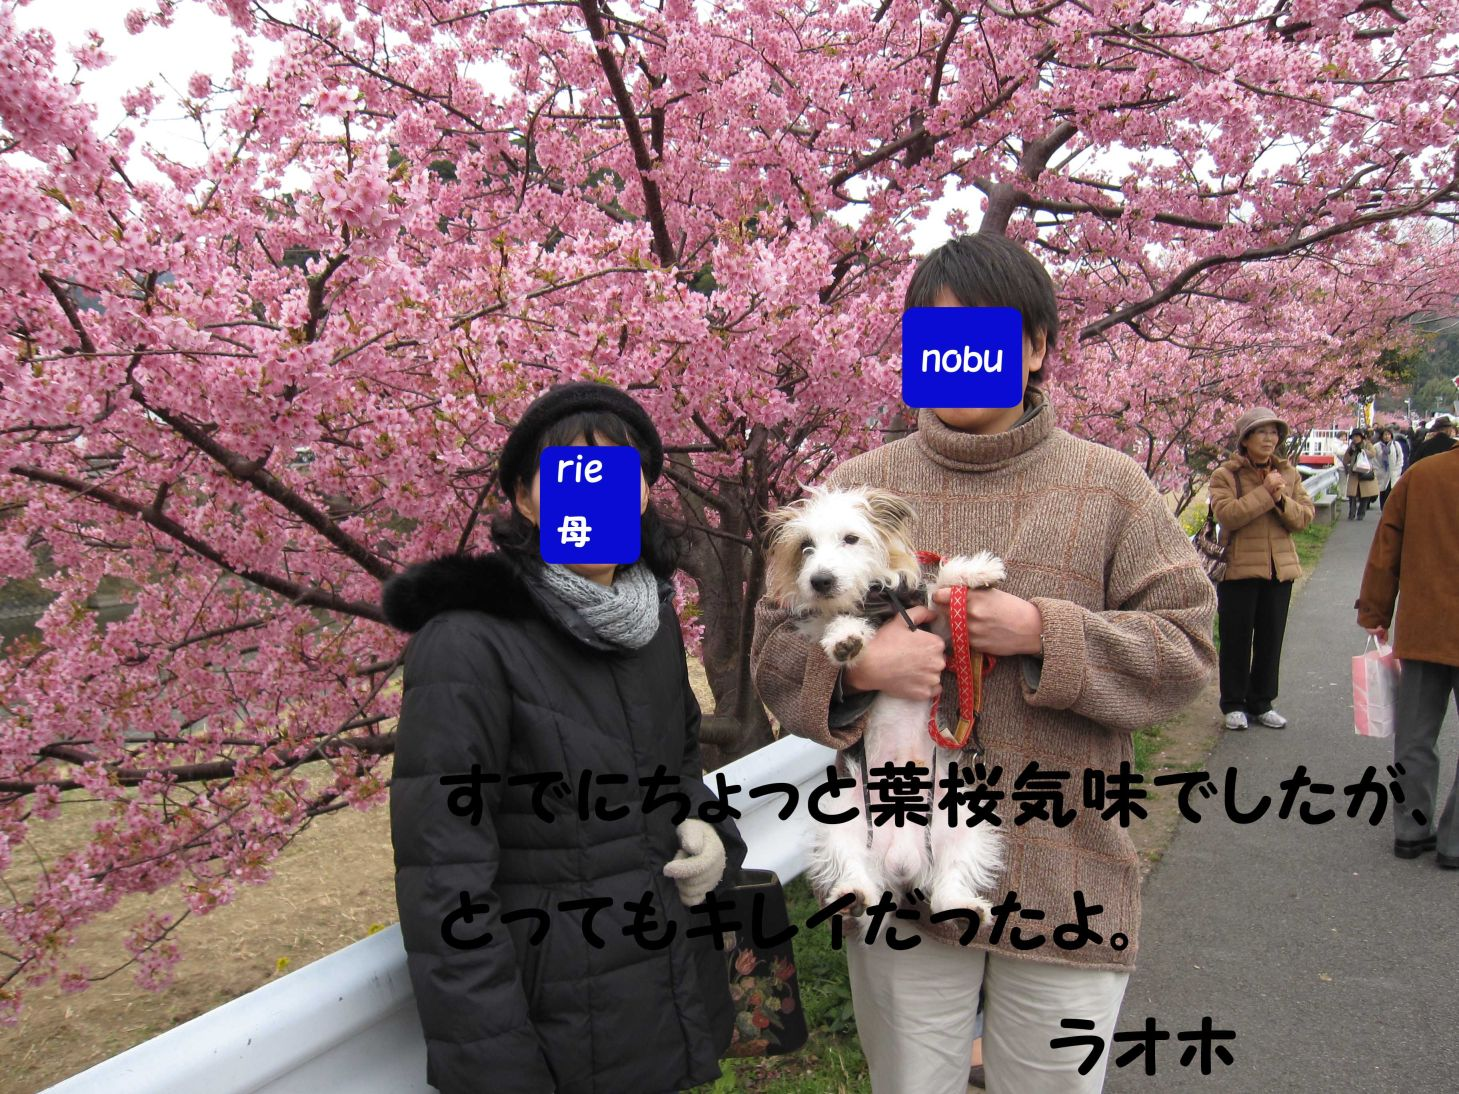 s_nobuとrie母